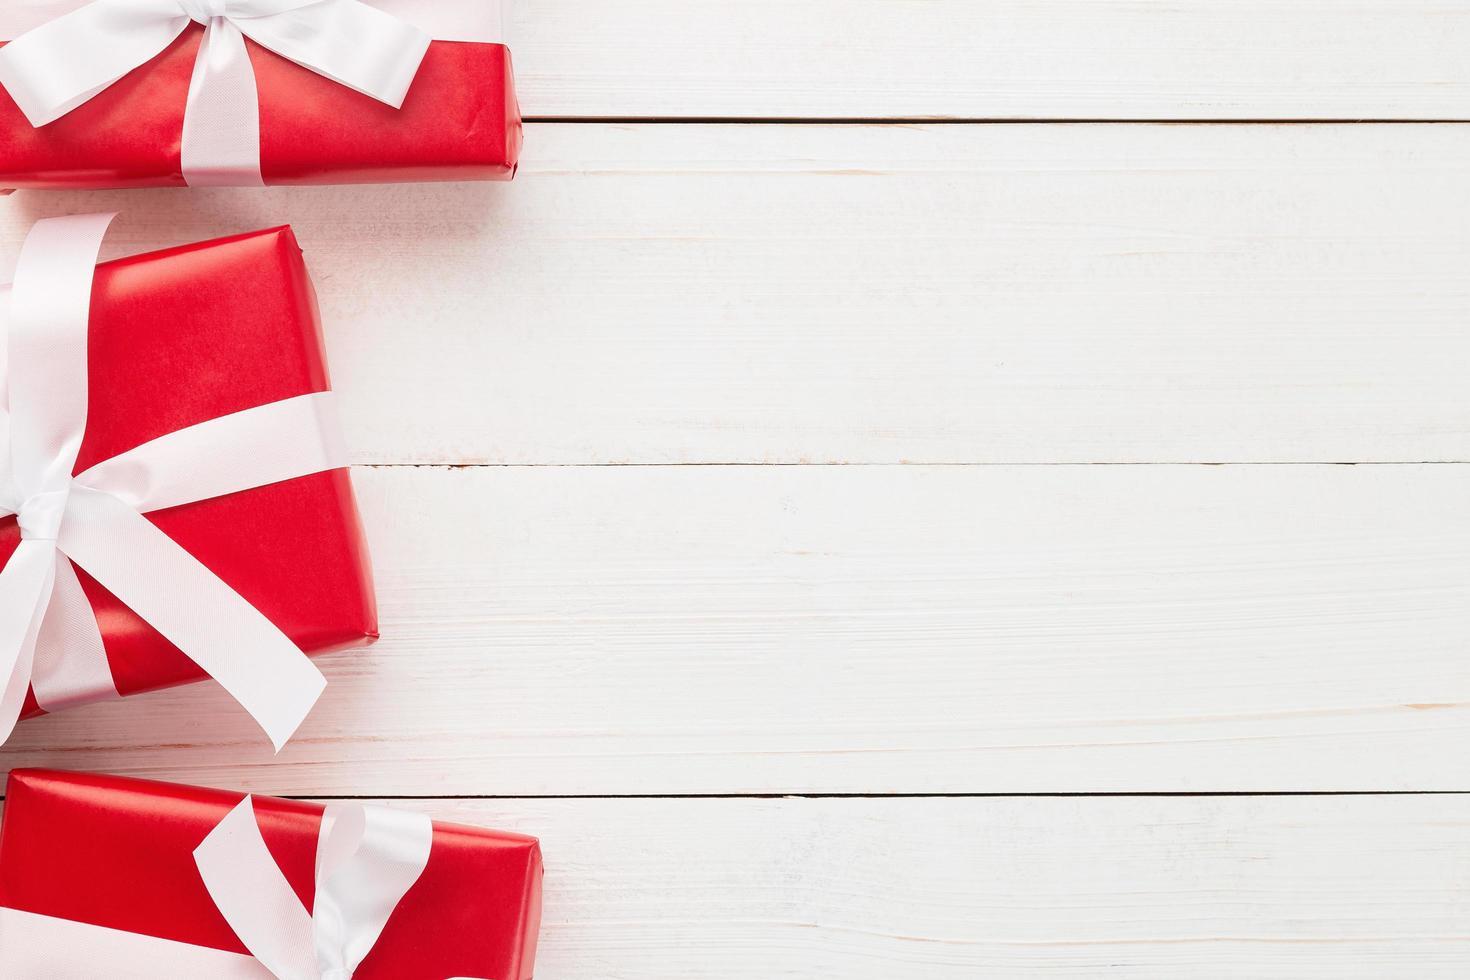 decoração de caixas de presente de natal vermelha em mesa de madeira branca foto